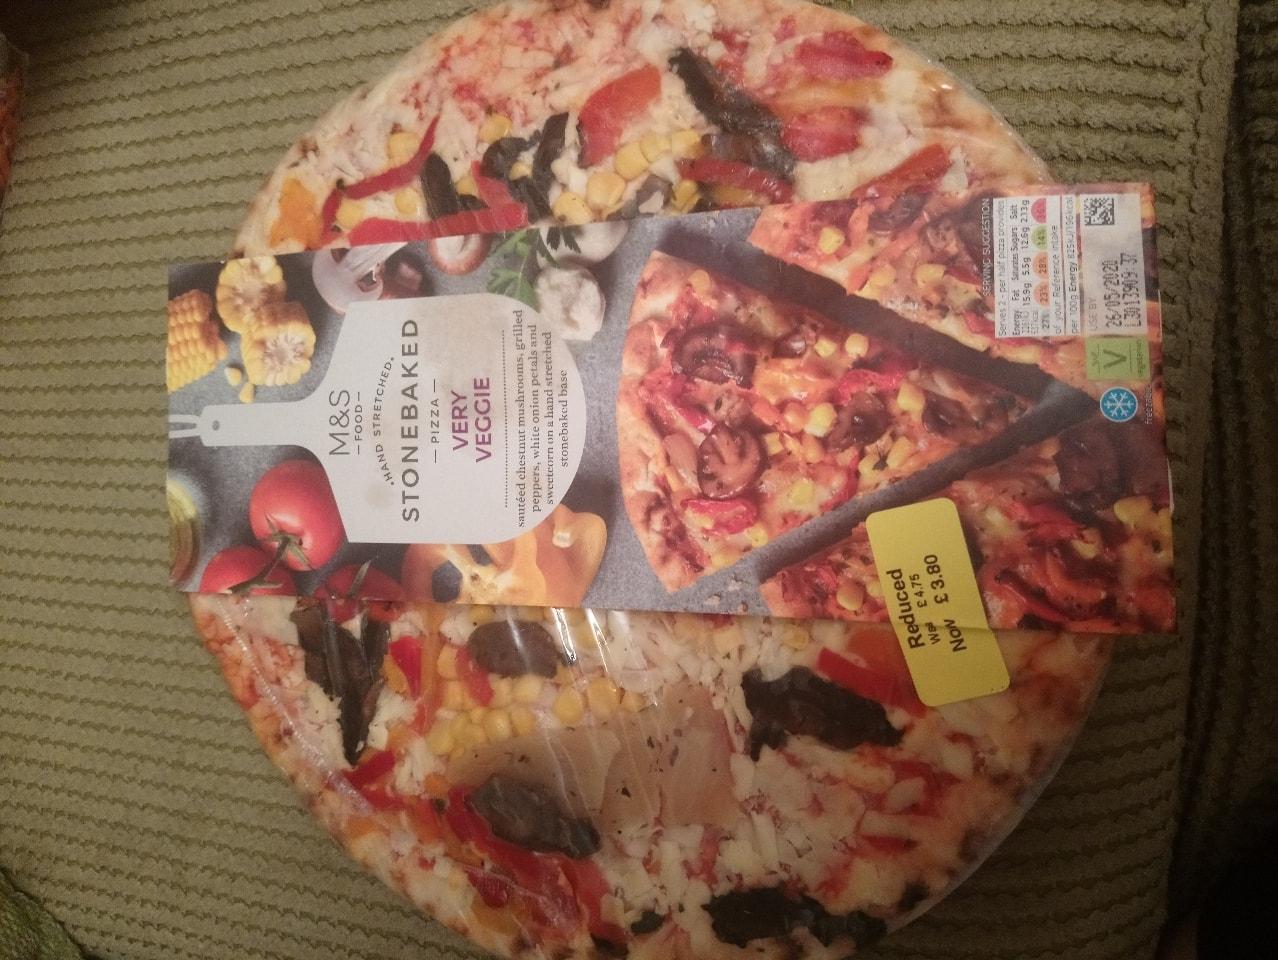 Very veggie pizza